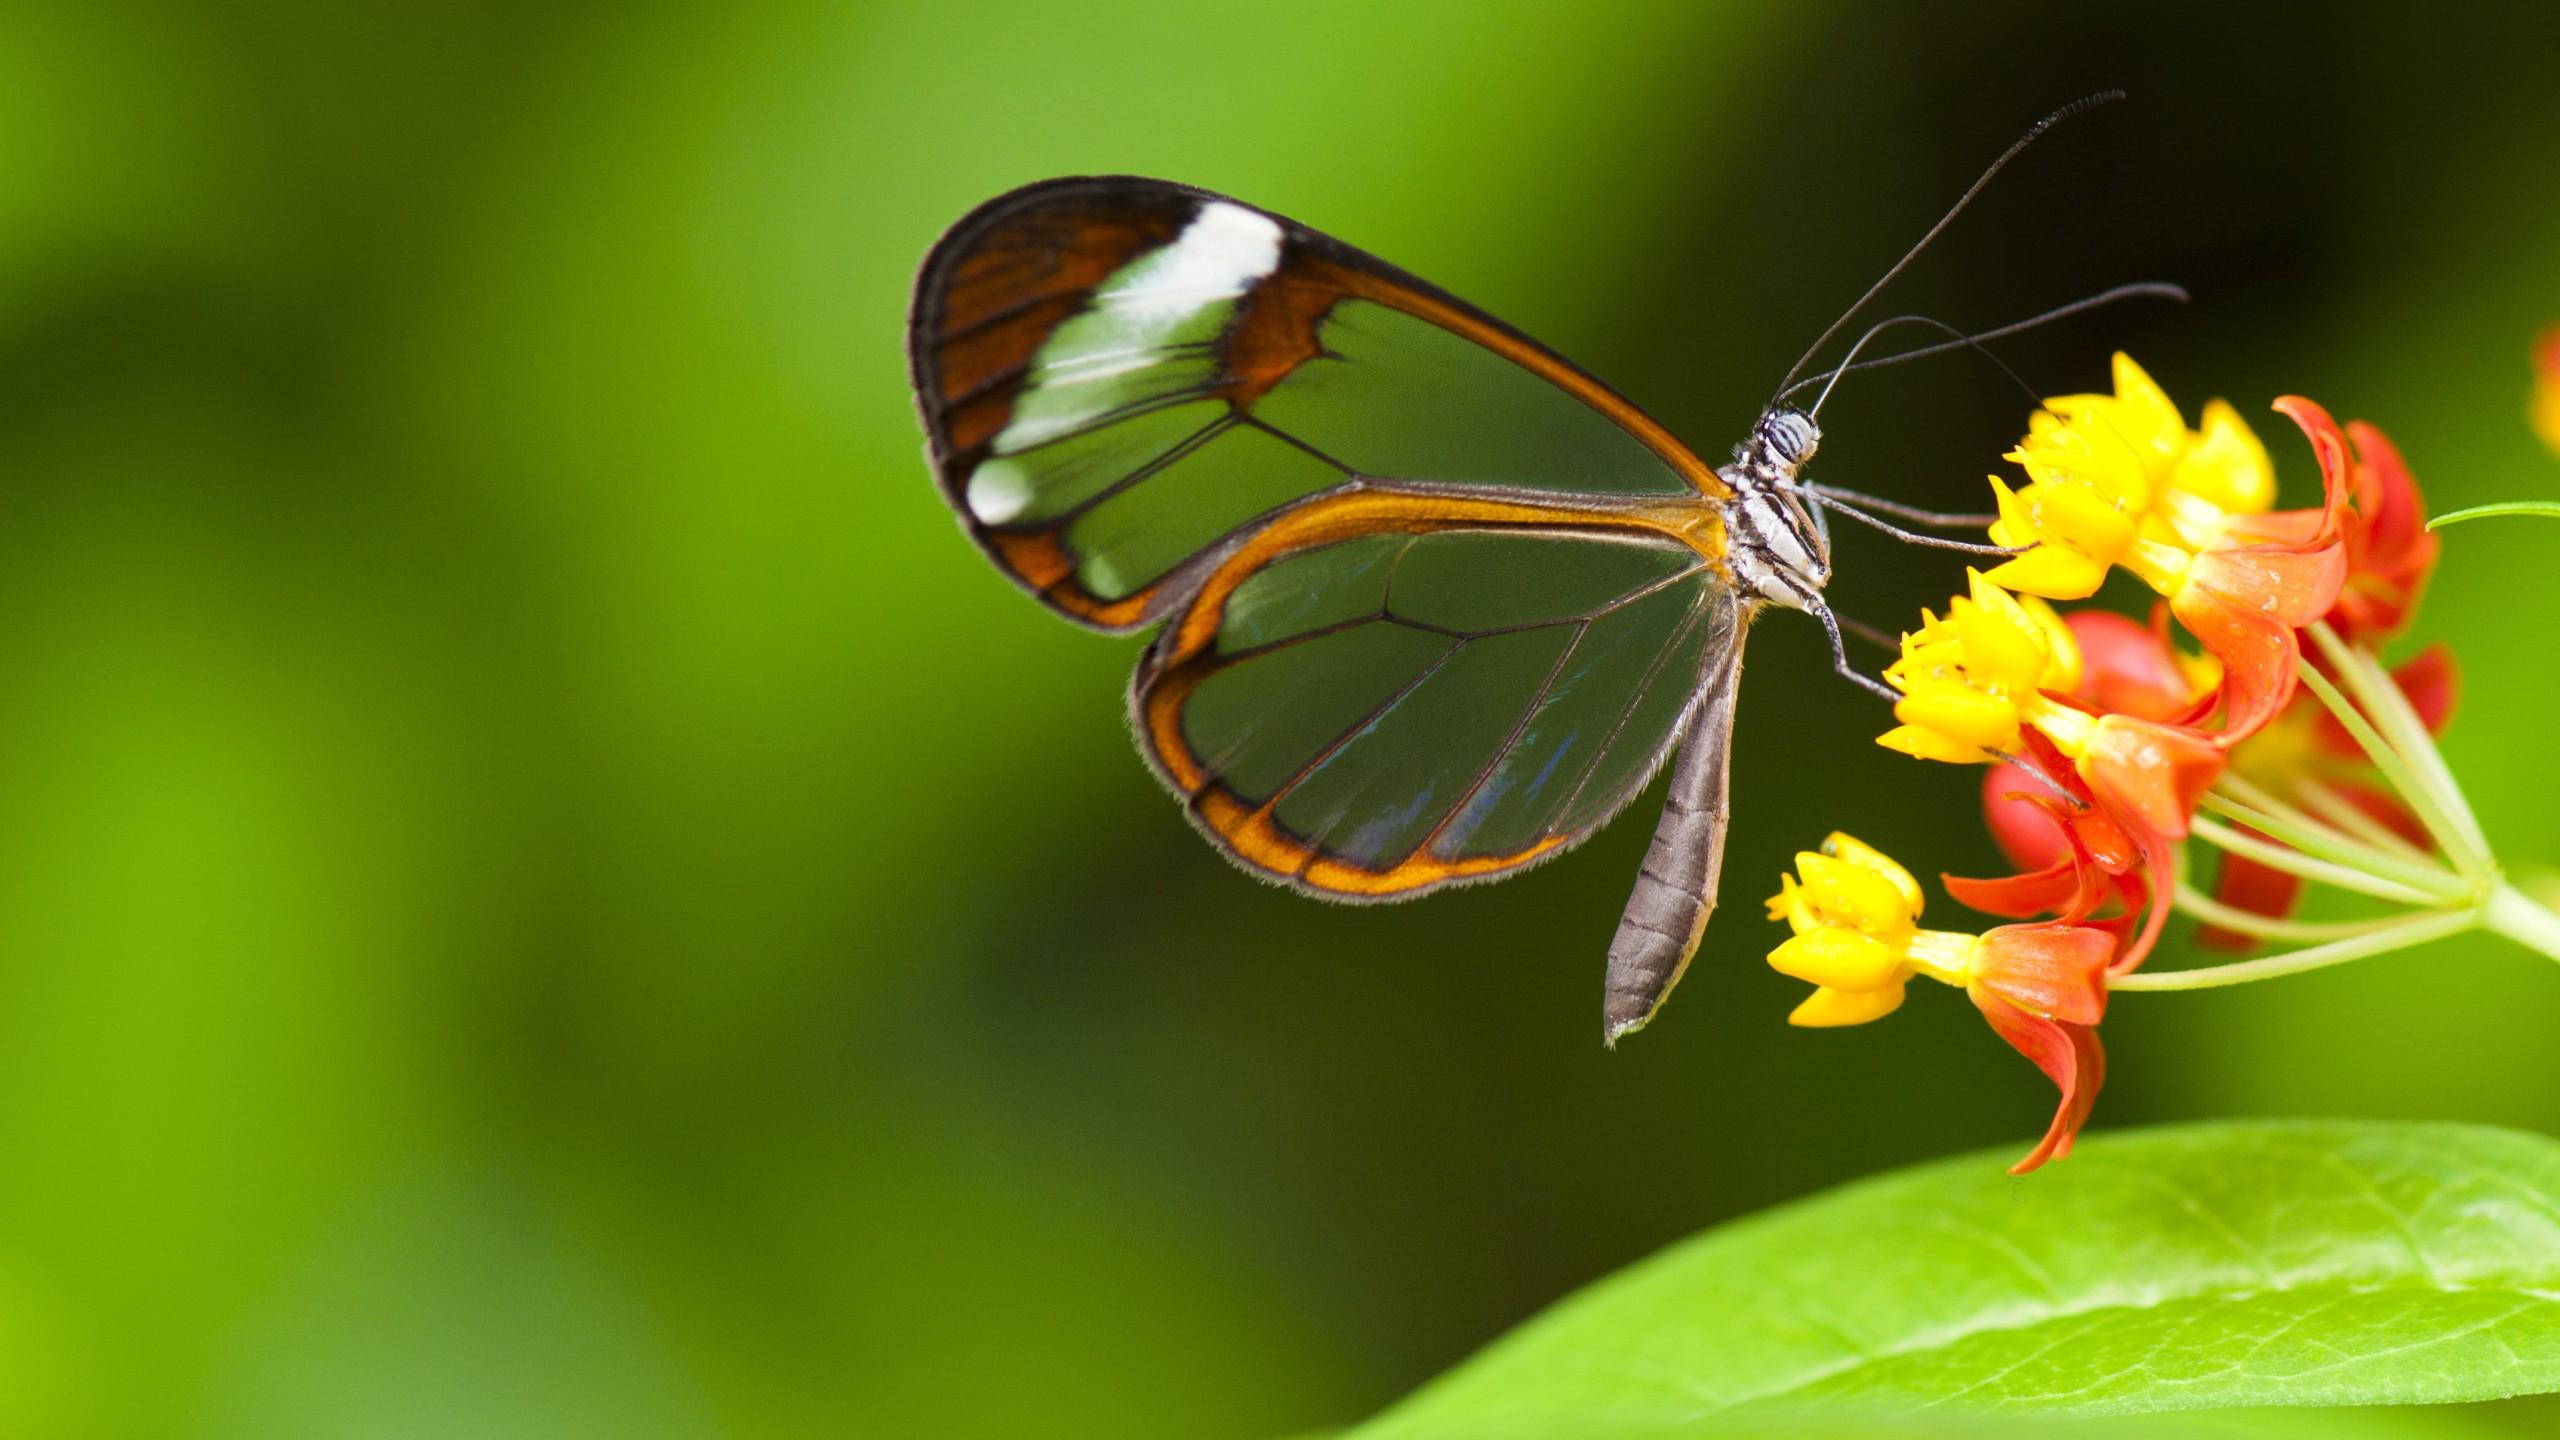 Wallpaper Butterfly 5k 4k wallpaper insects flowers green 2560x1440